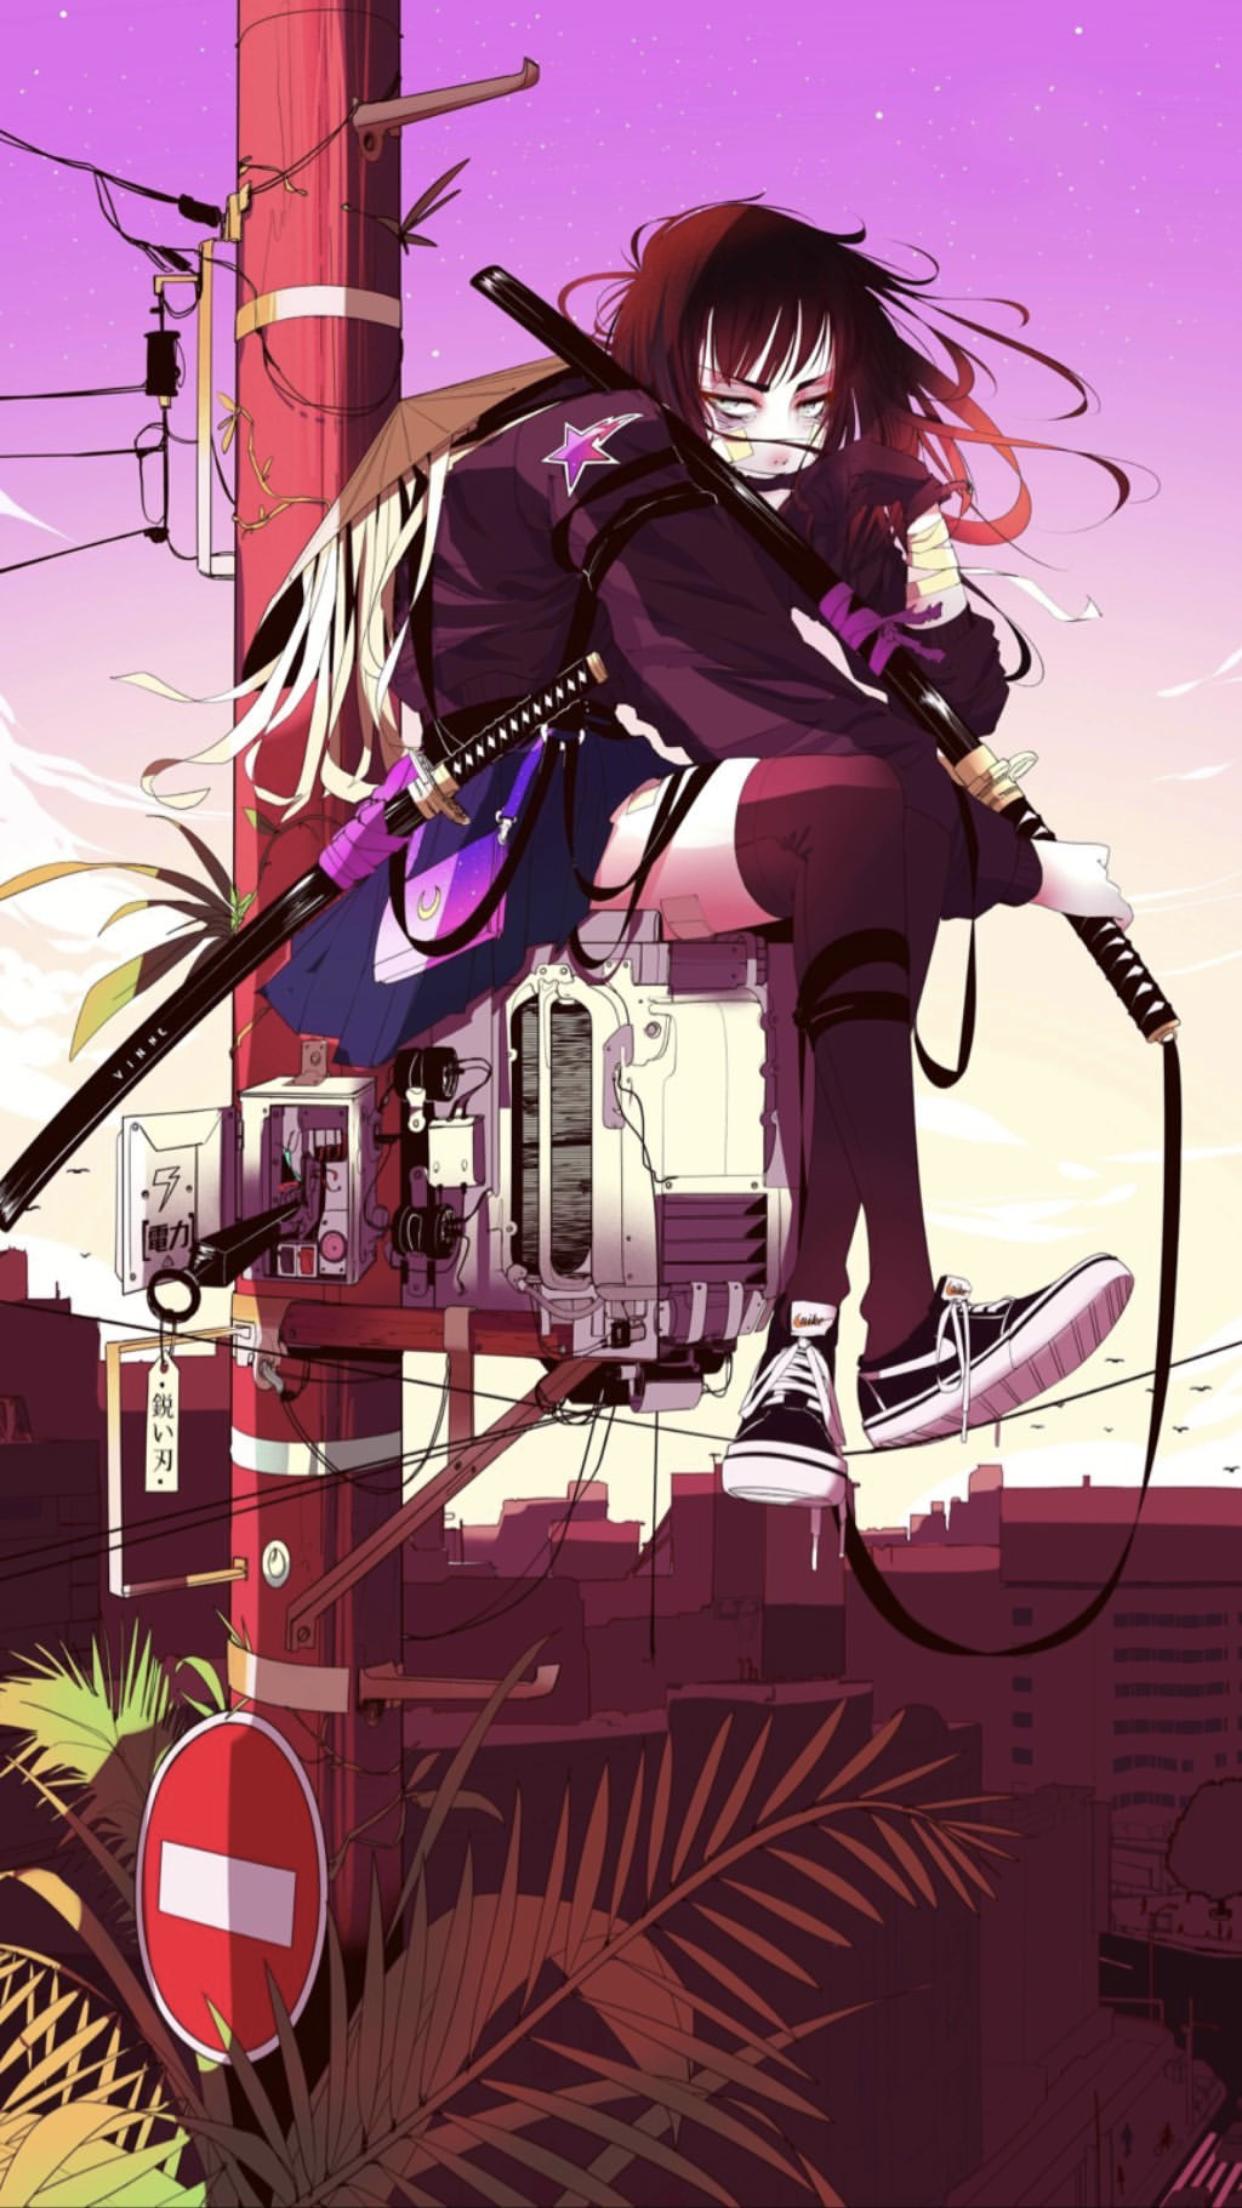 logoeuluis Character art, Aesthetic anime, Art